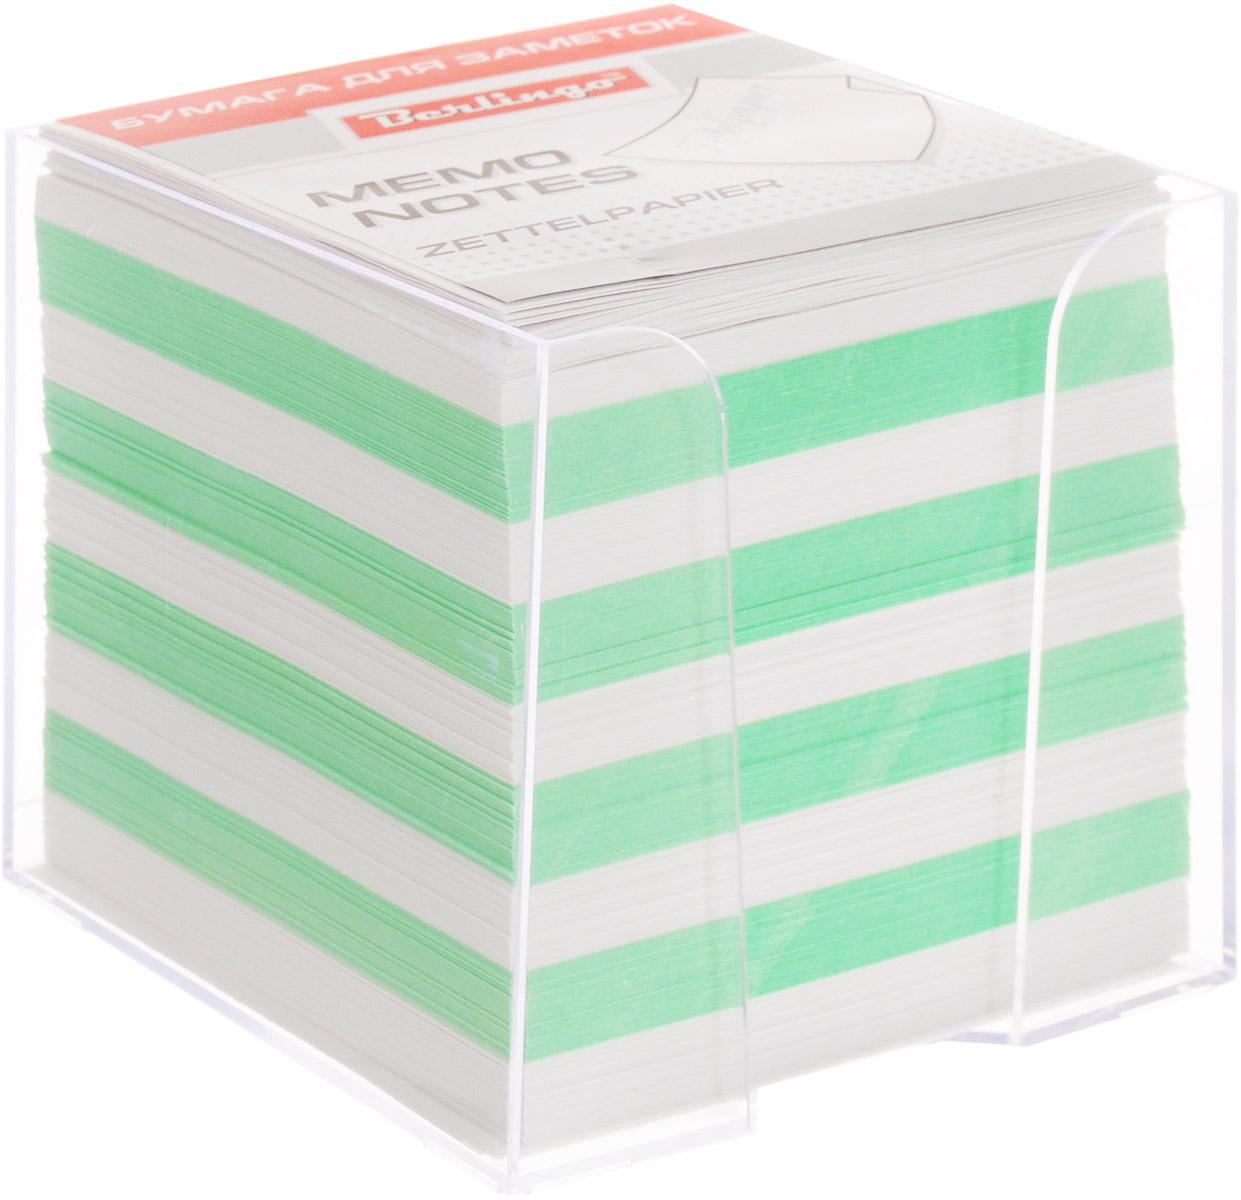 Berlingo Бумага для заметок Standard 9 х 9 х 9 см в пластиковой подставке цвет белый салатовый 1000 листовZP7614_белый, салатовыйБумага для заметок с липким краем Berlingo Standard - это удобное и практичное решение для быстрой записи информации дома или на работе.Блок бумаги поставляется в удобном пластиковом боксе.